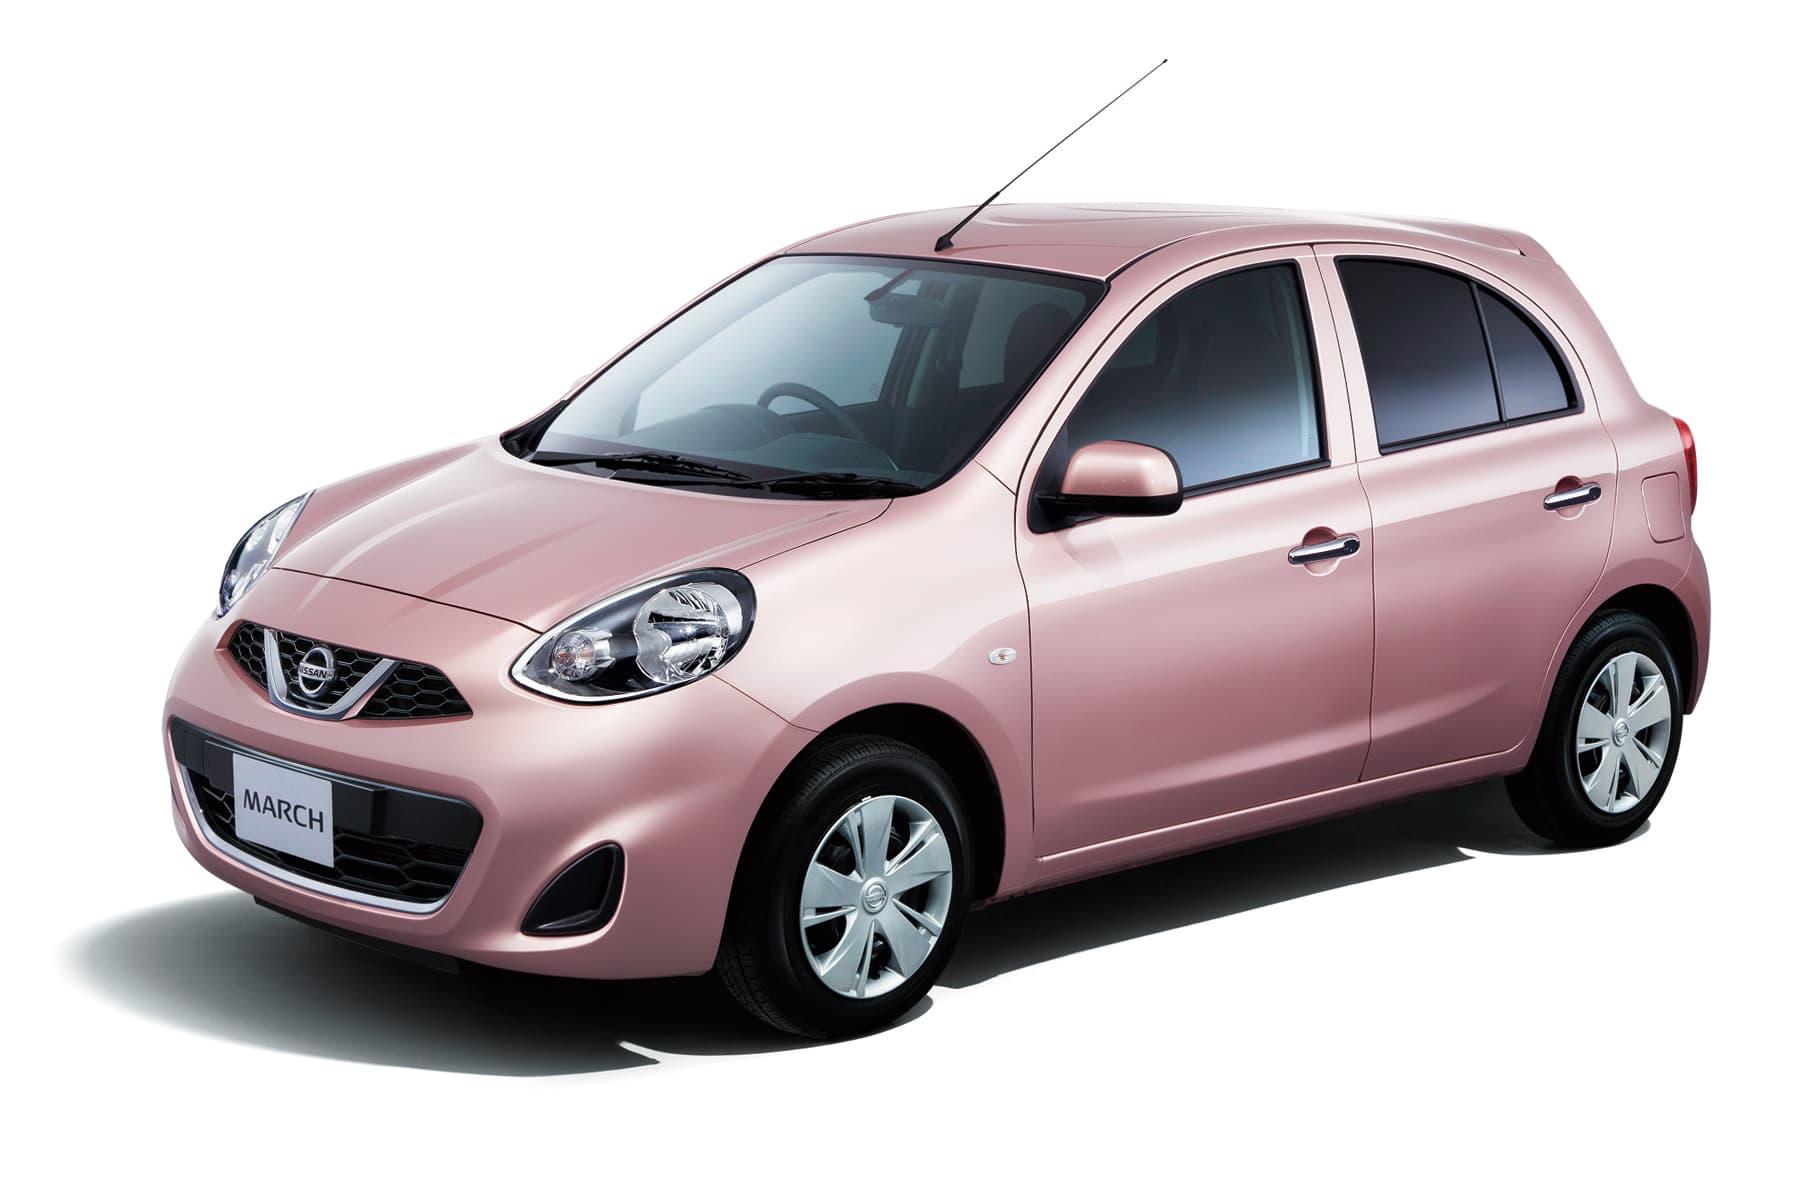 日産レンタカー上本町駅前店『【JAL 近畿】 車種無指定ダブルマイルプラン』